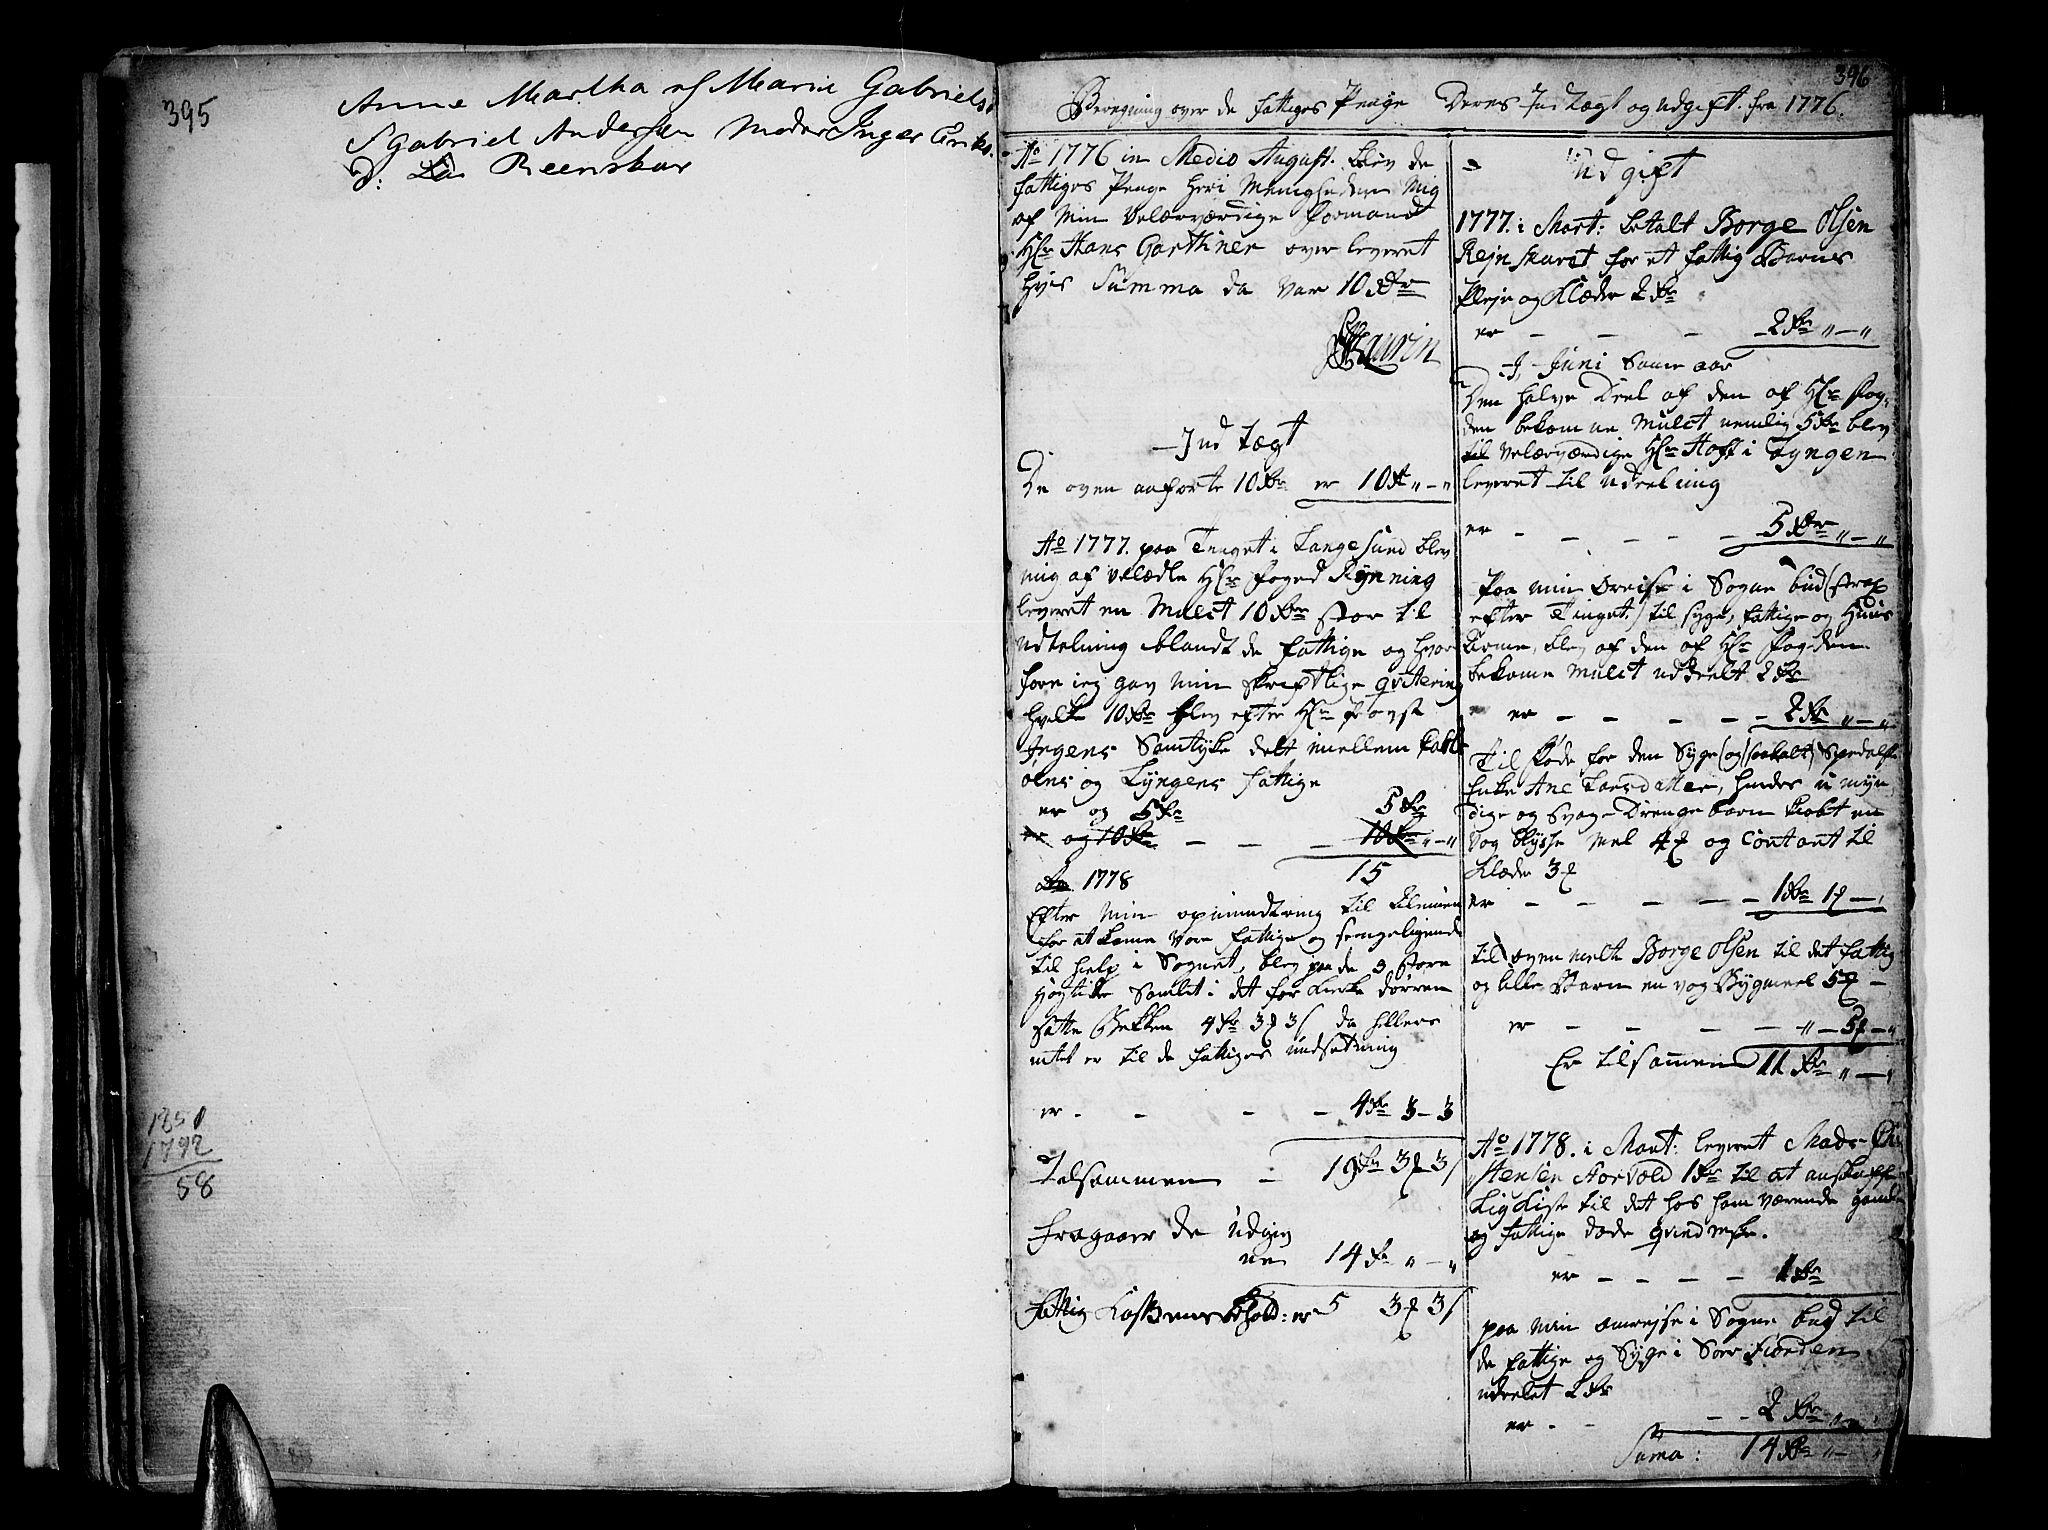 SATØ, Karlsøy sokneprestembete, Ministerialbok nr. 1, 1775-1823, s. 395-396